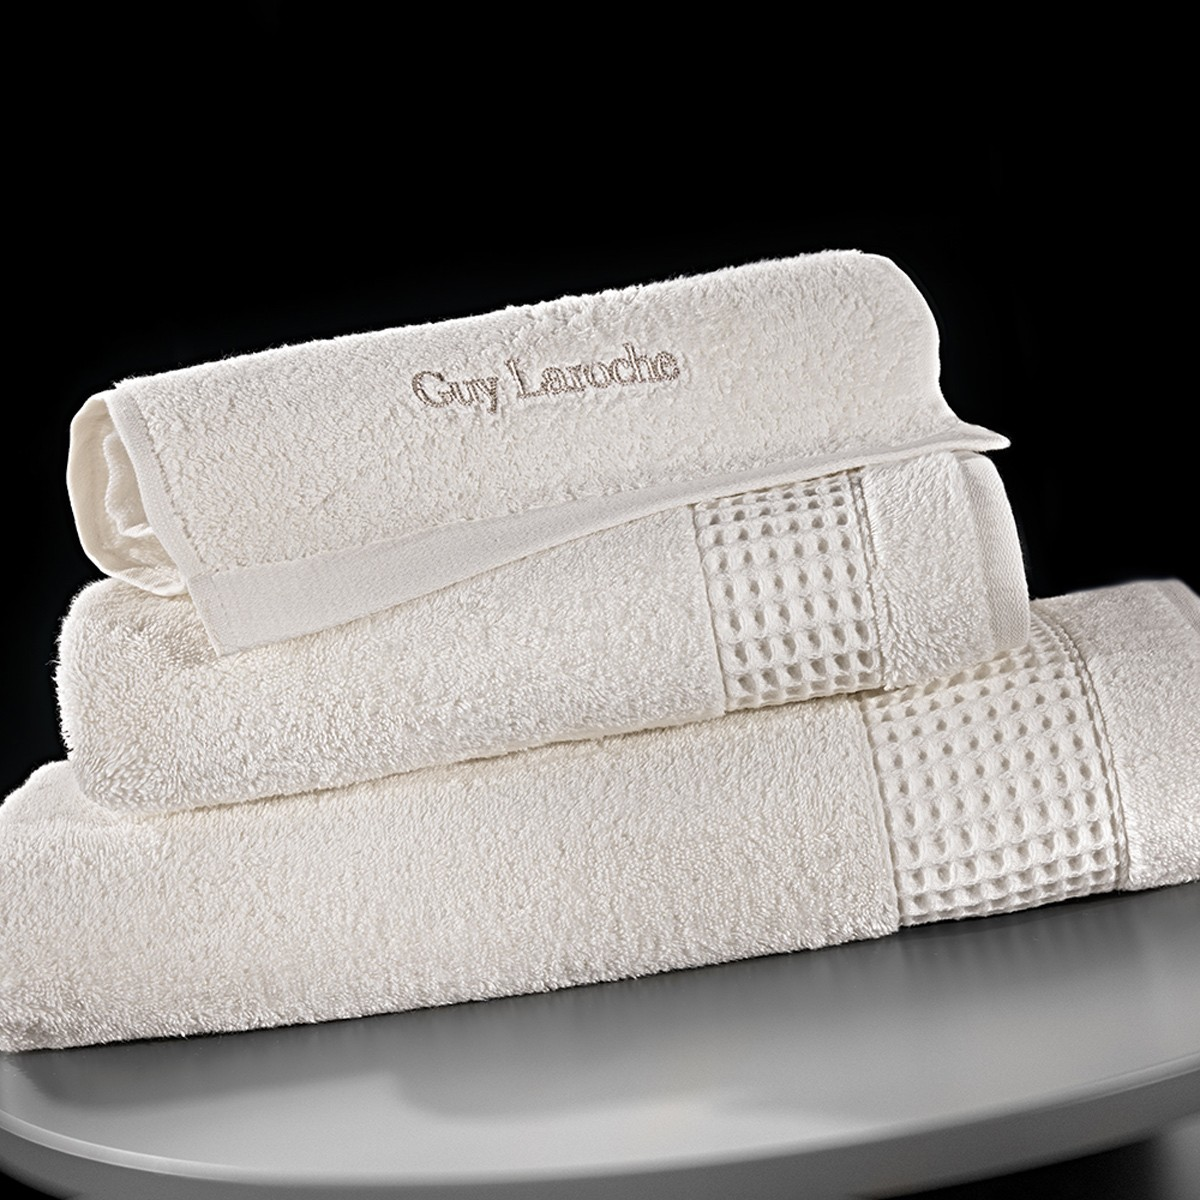 Πετσέτες Μπάνιου (Σετ 3τμχ) Guy Laroche Amaro Cream